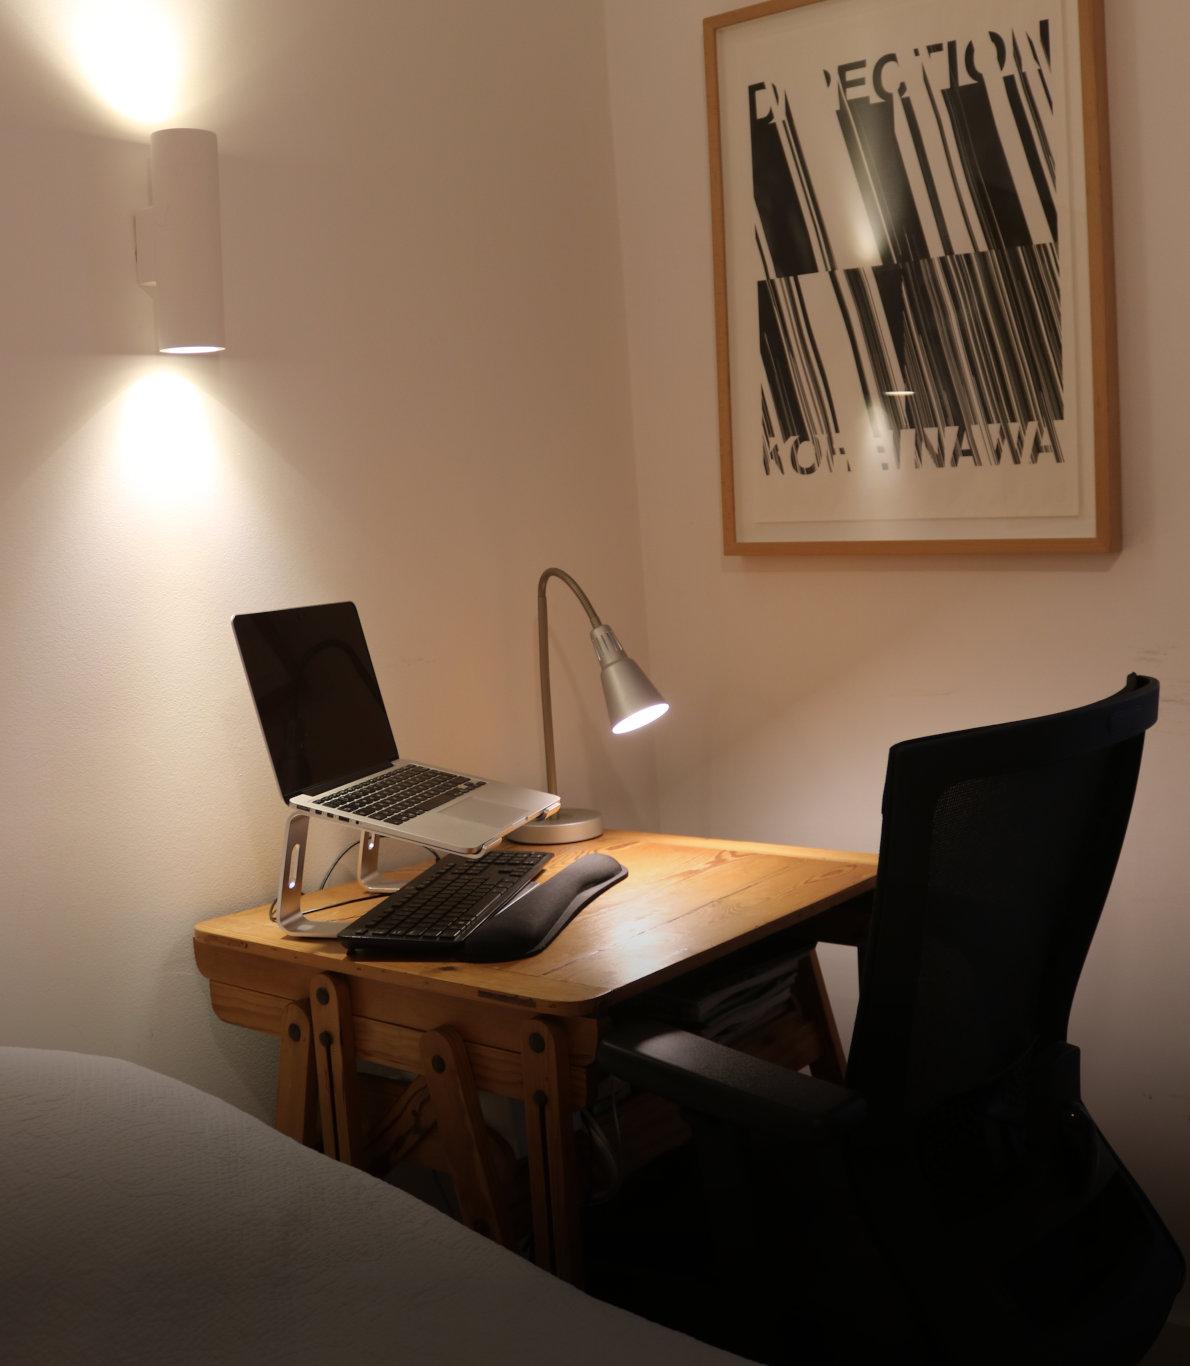 Espaço para Teletrabalho com uma mesa de madeira e uma cadeira preta